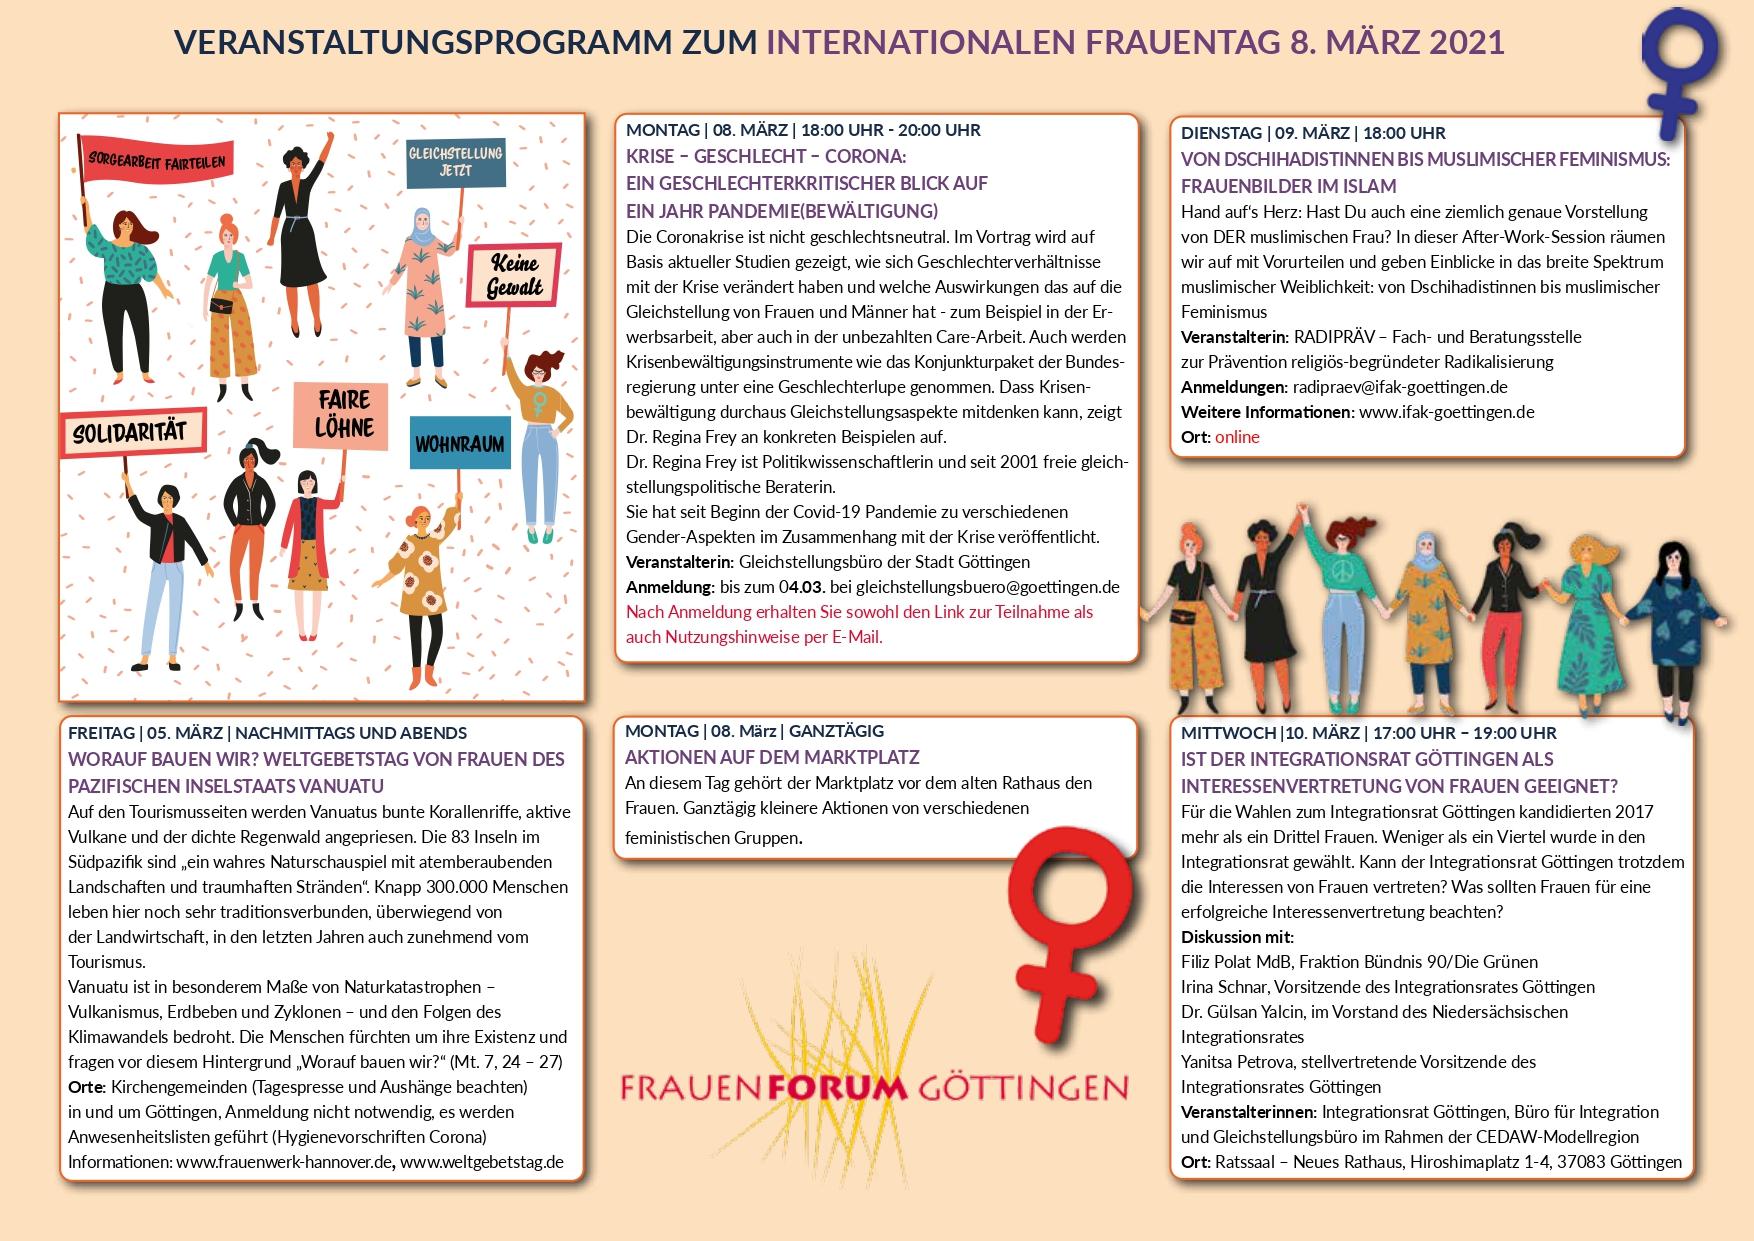 Frauenforum